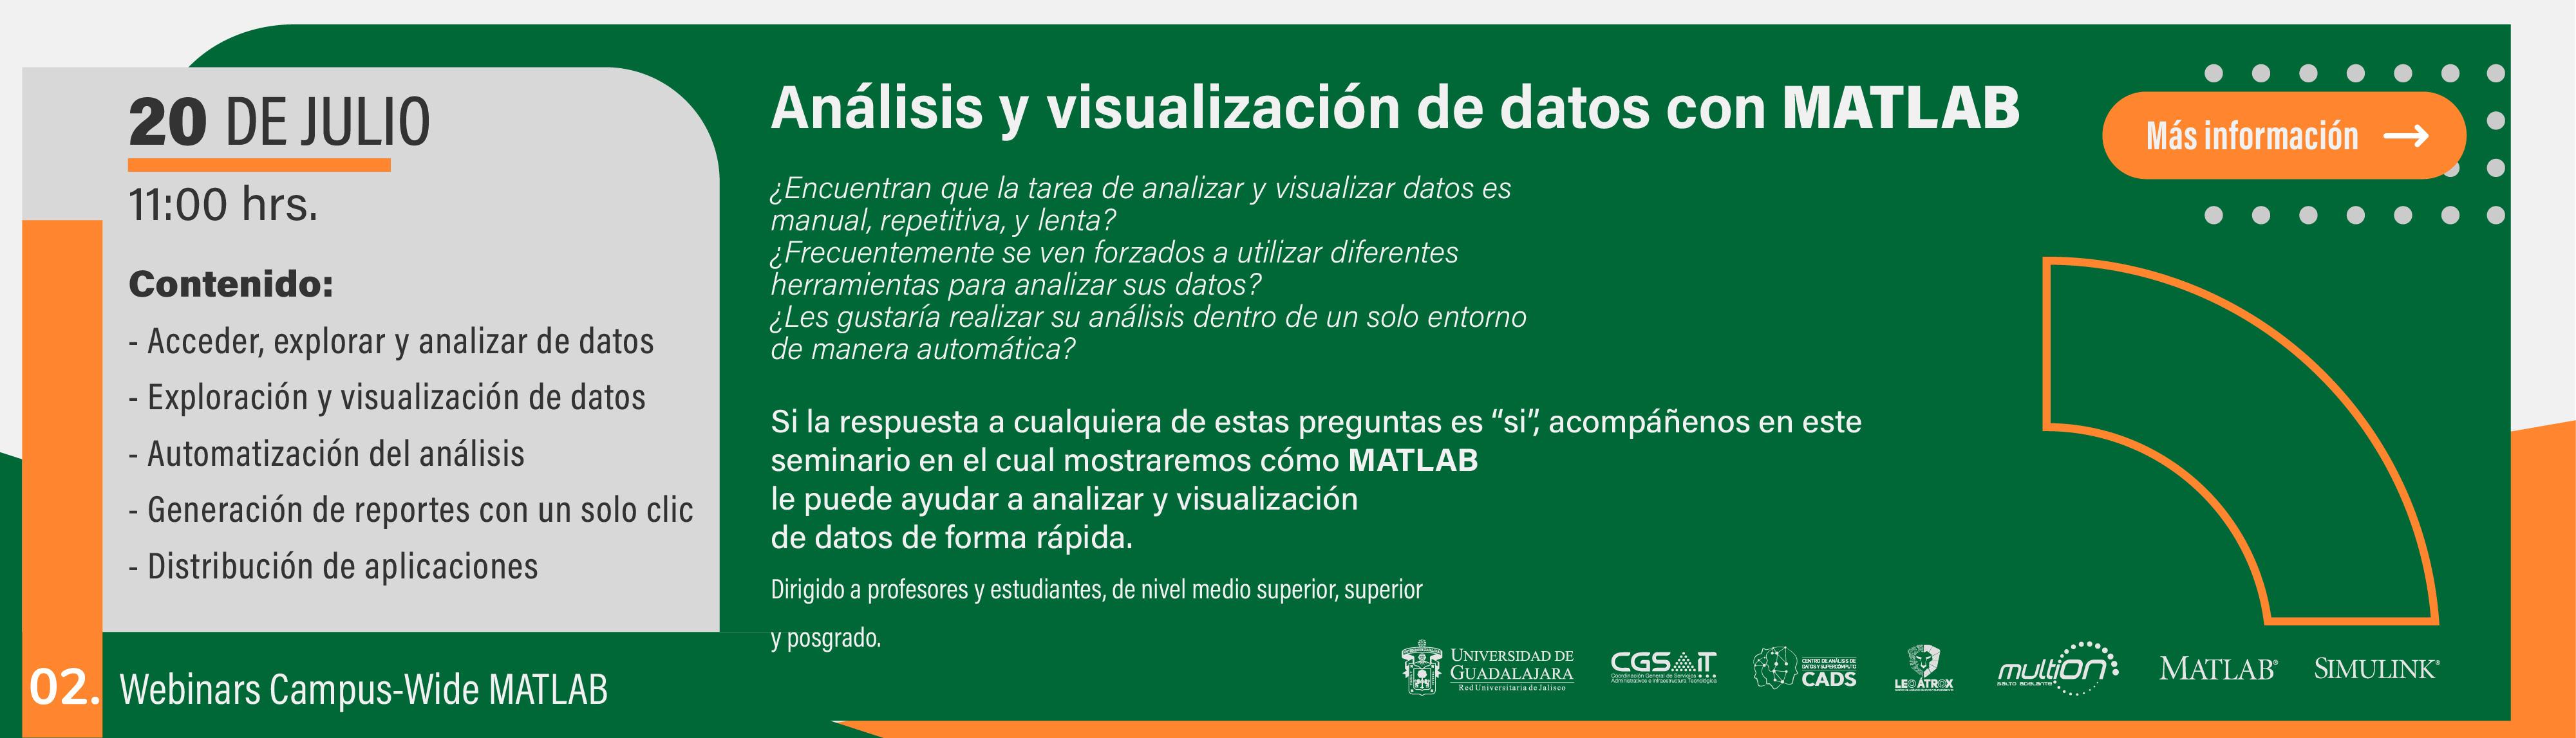 slide-matlab02